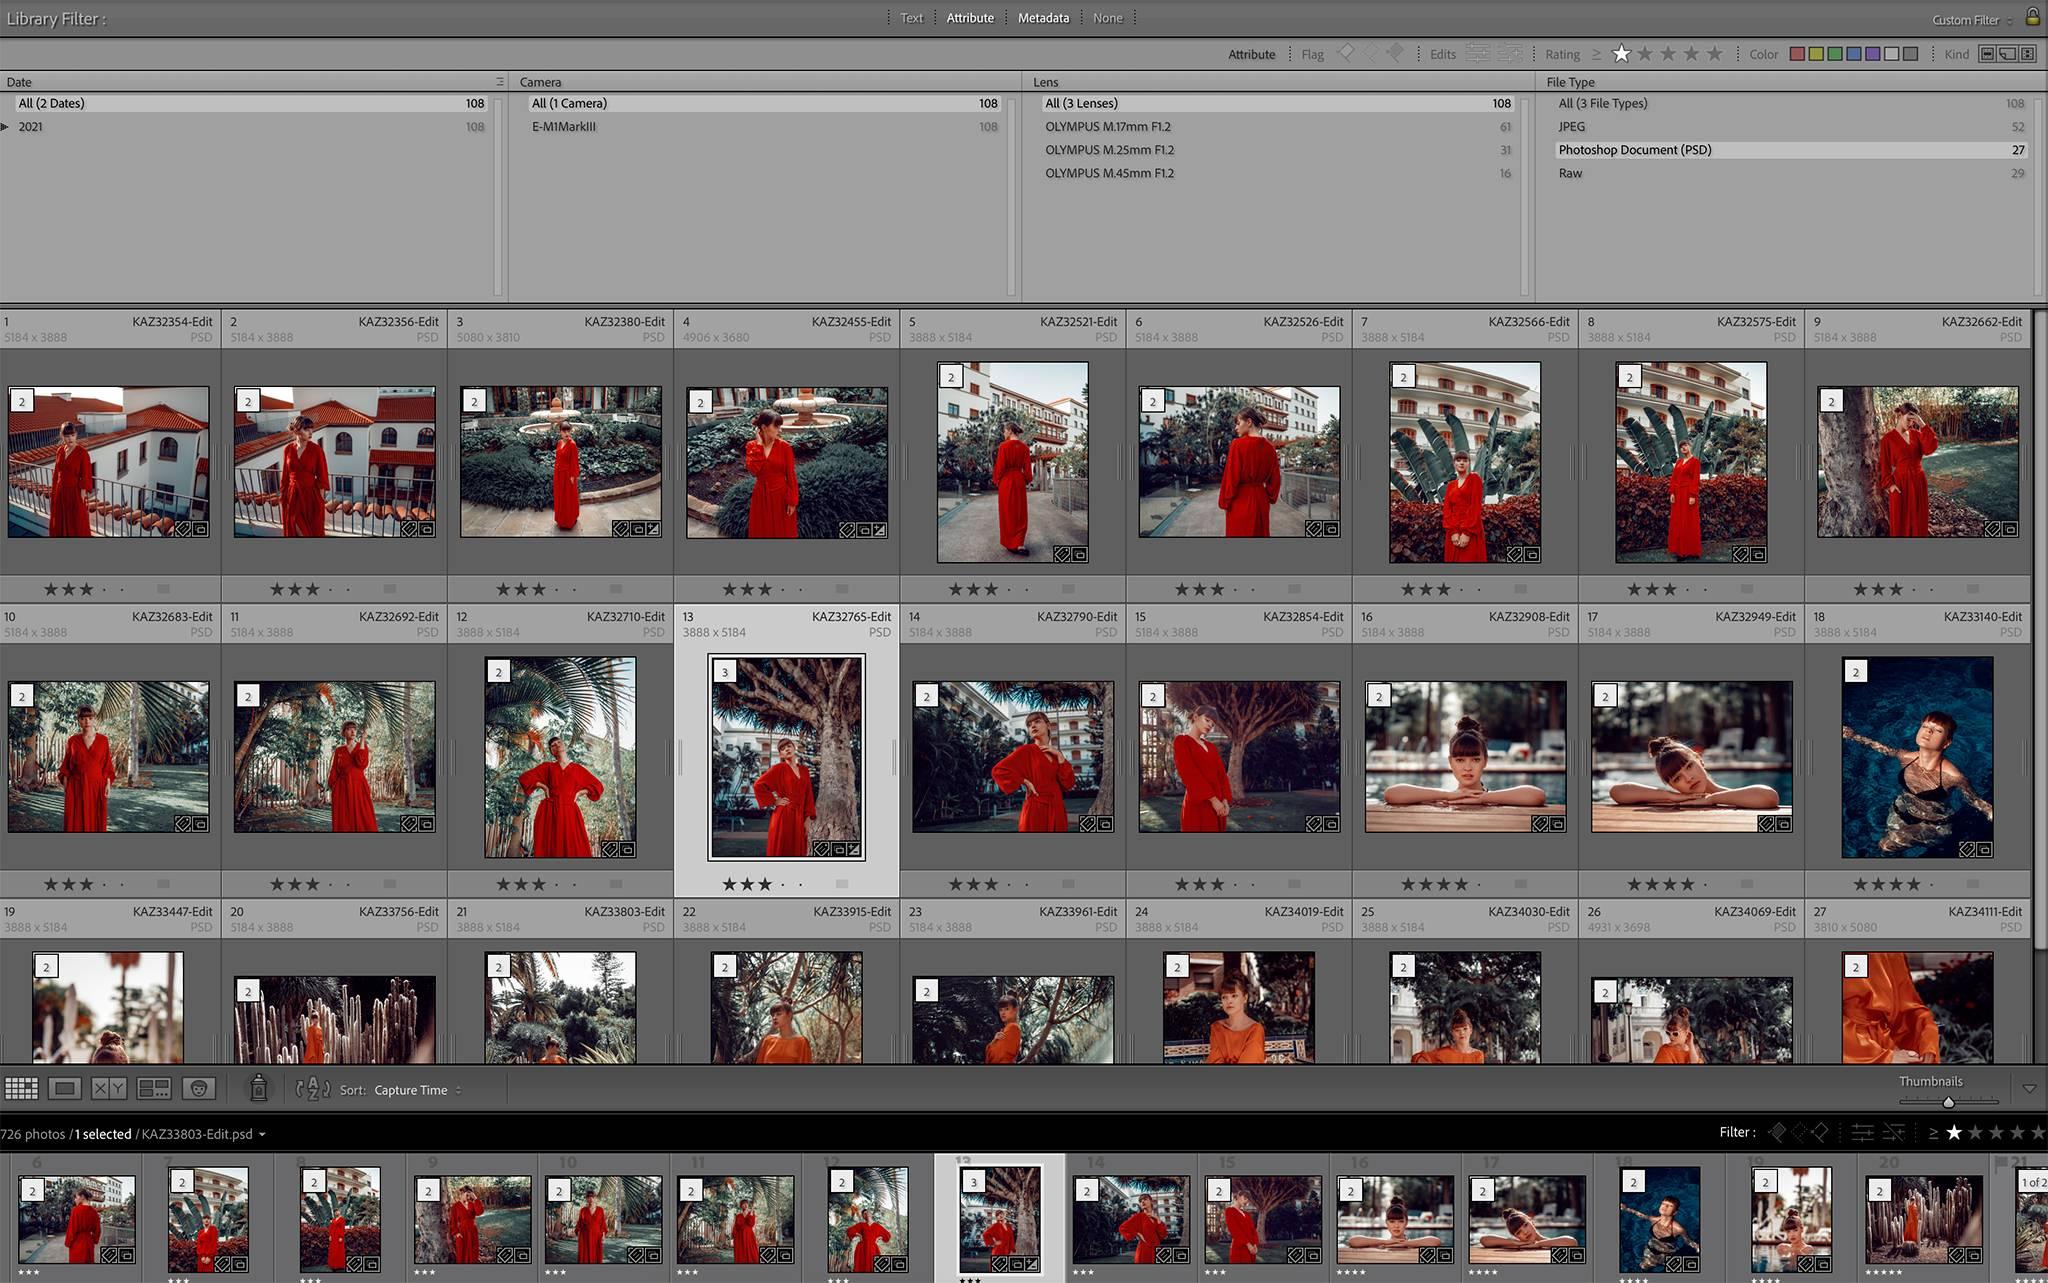 Adobe Lightroom ma świetną funkcję do selekcji zdjęć. Ja używam gwiazdek i etykiet kolorystycznych